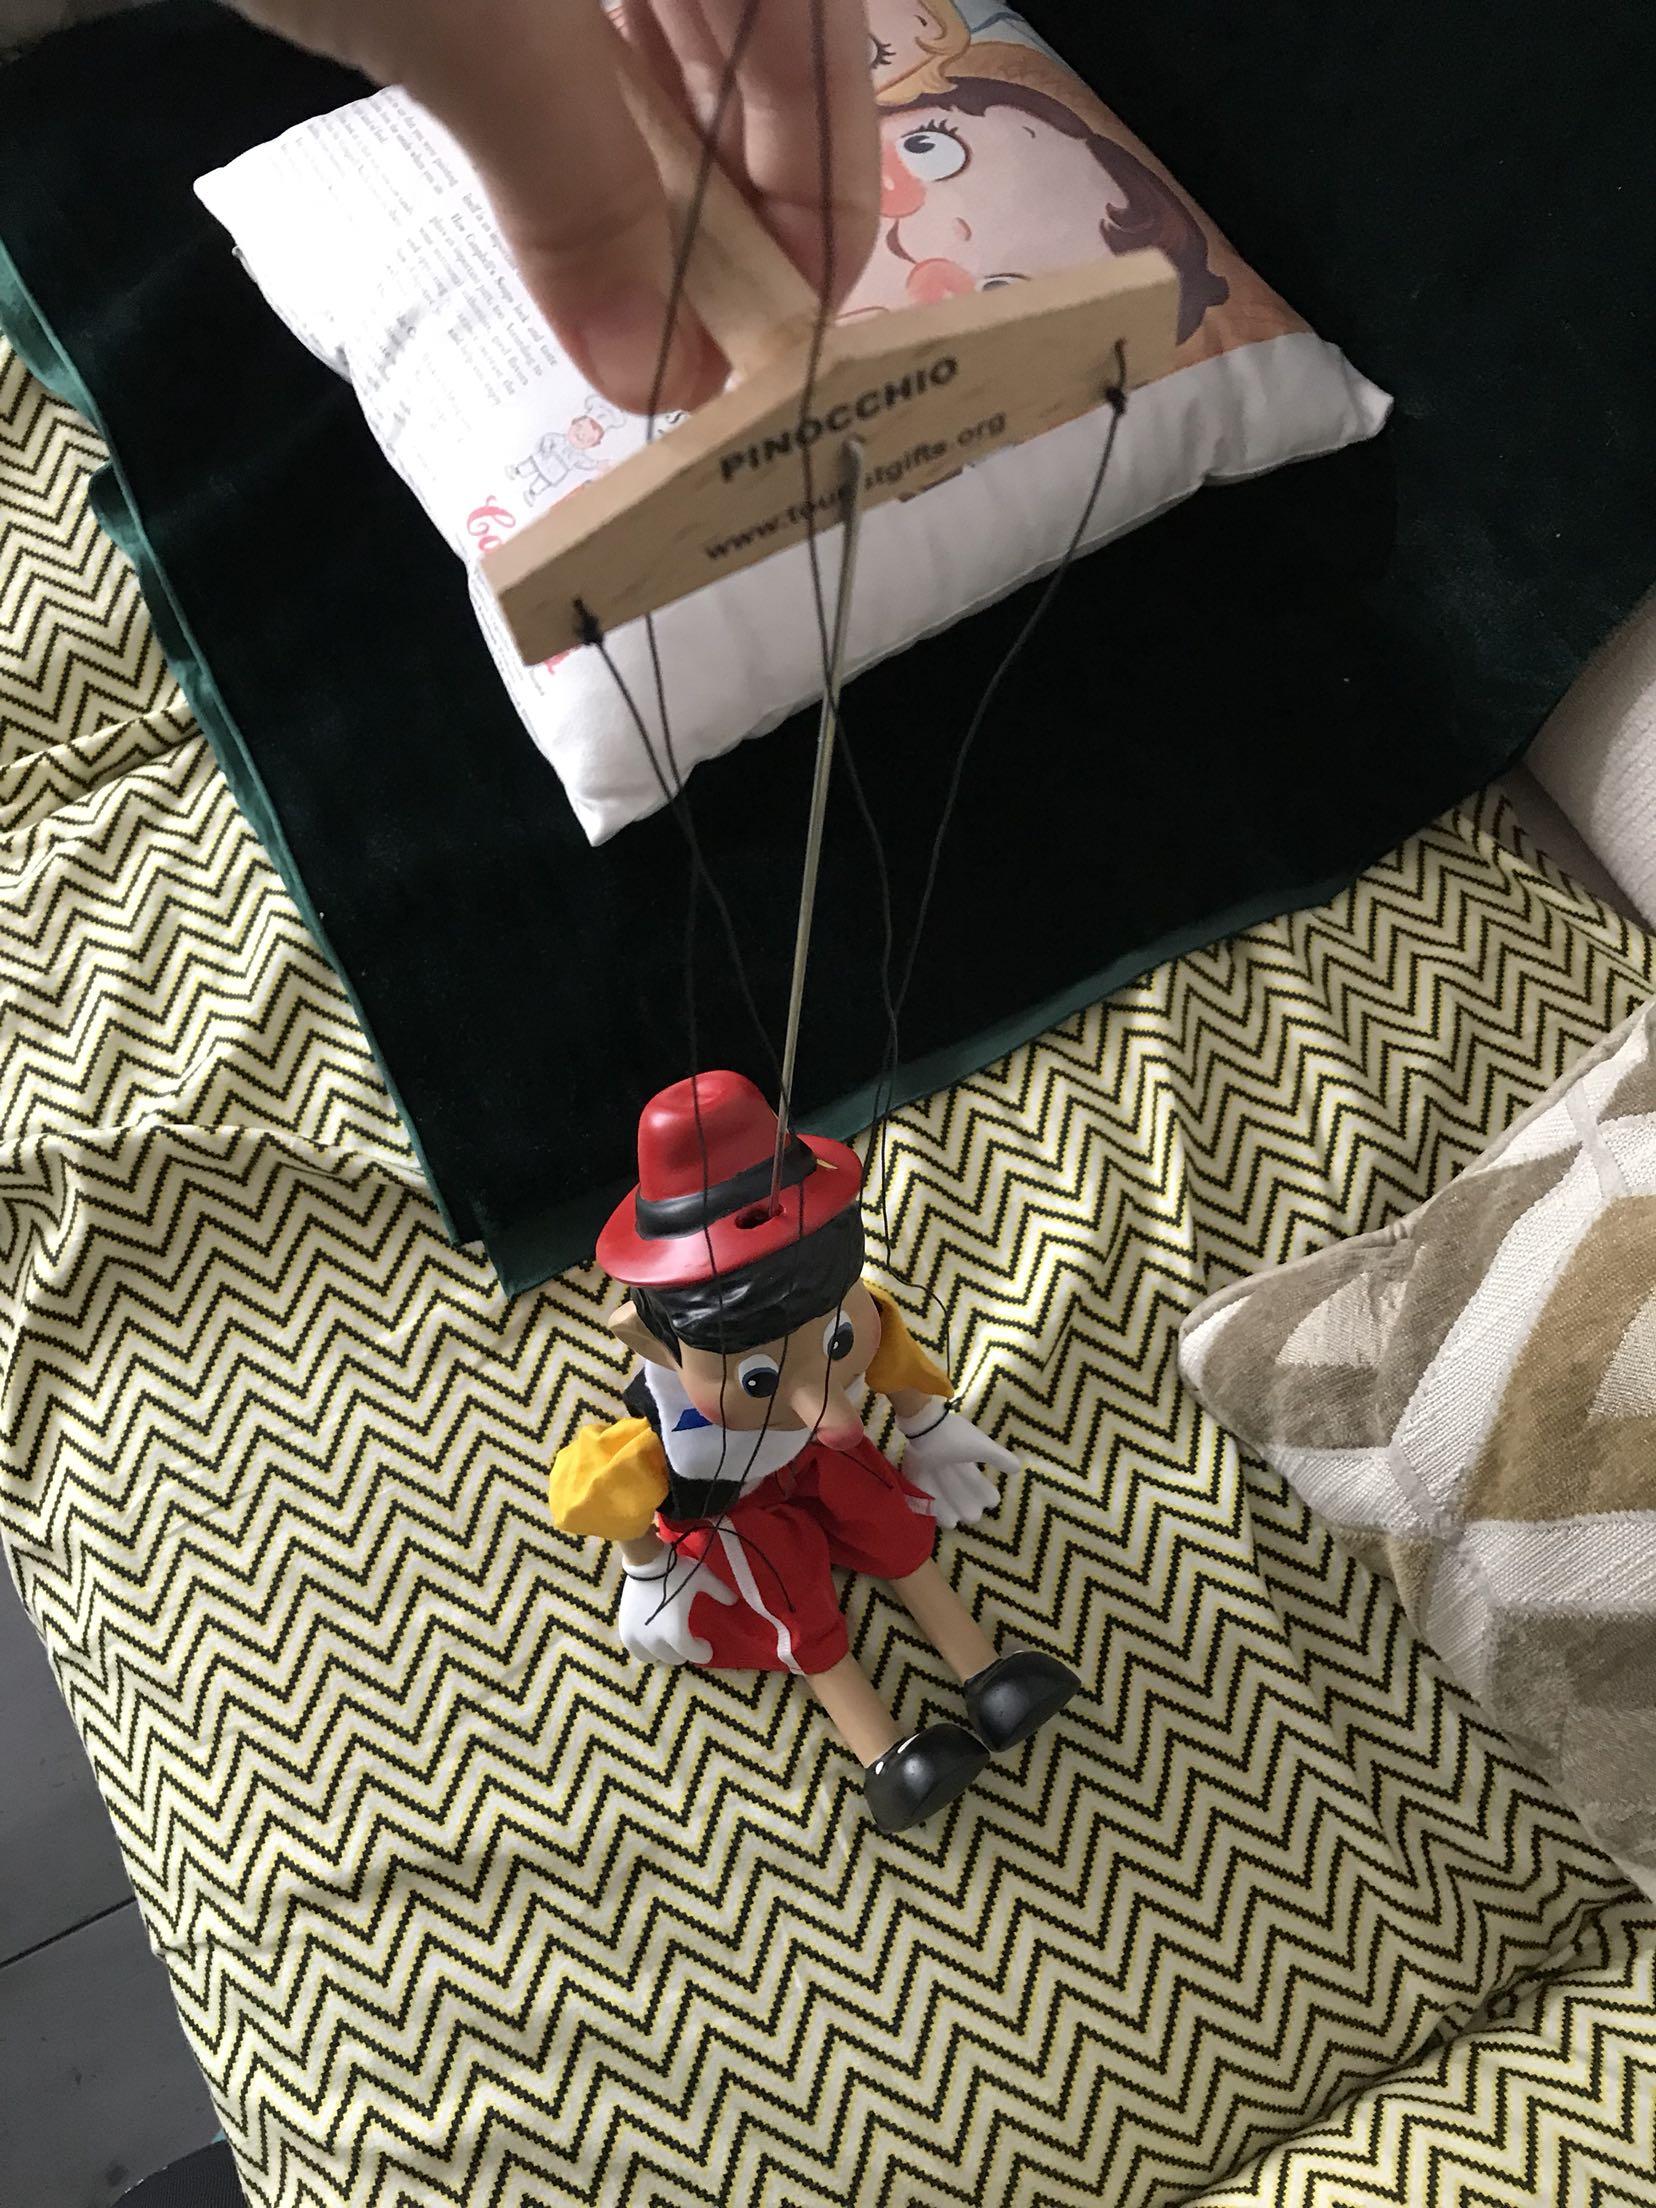 现货超值蓝白格子款 捷克订单匹诺曹拉线木偶提现木偶超精致礼物